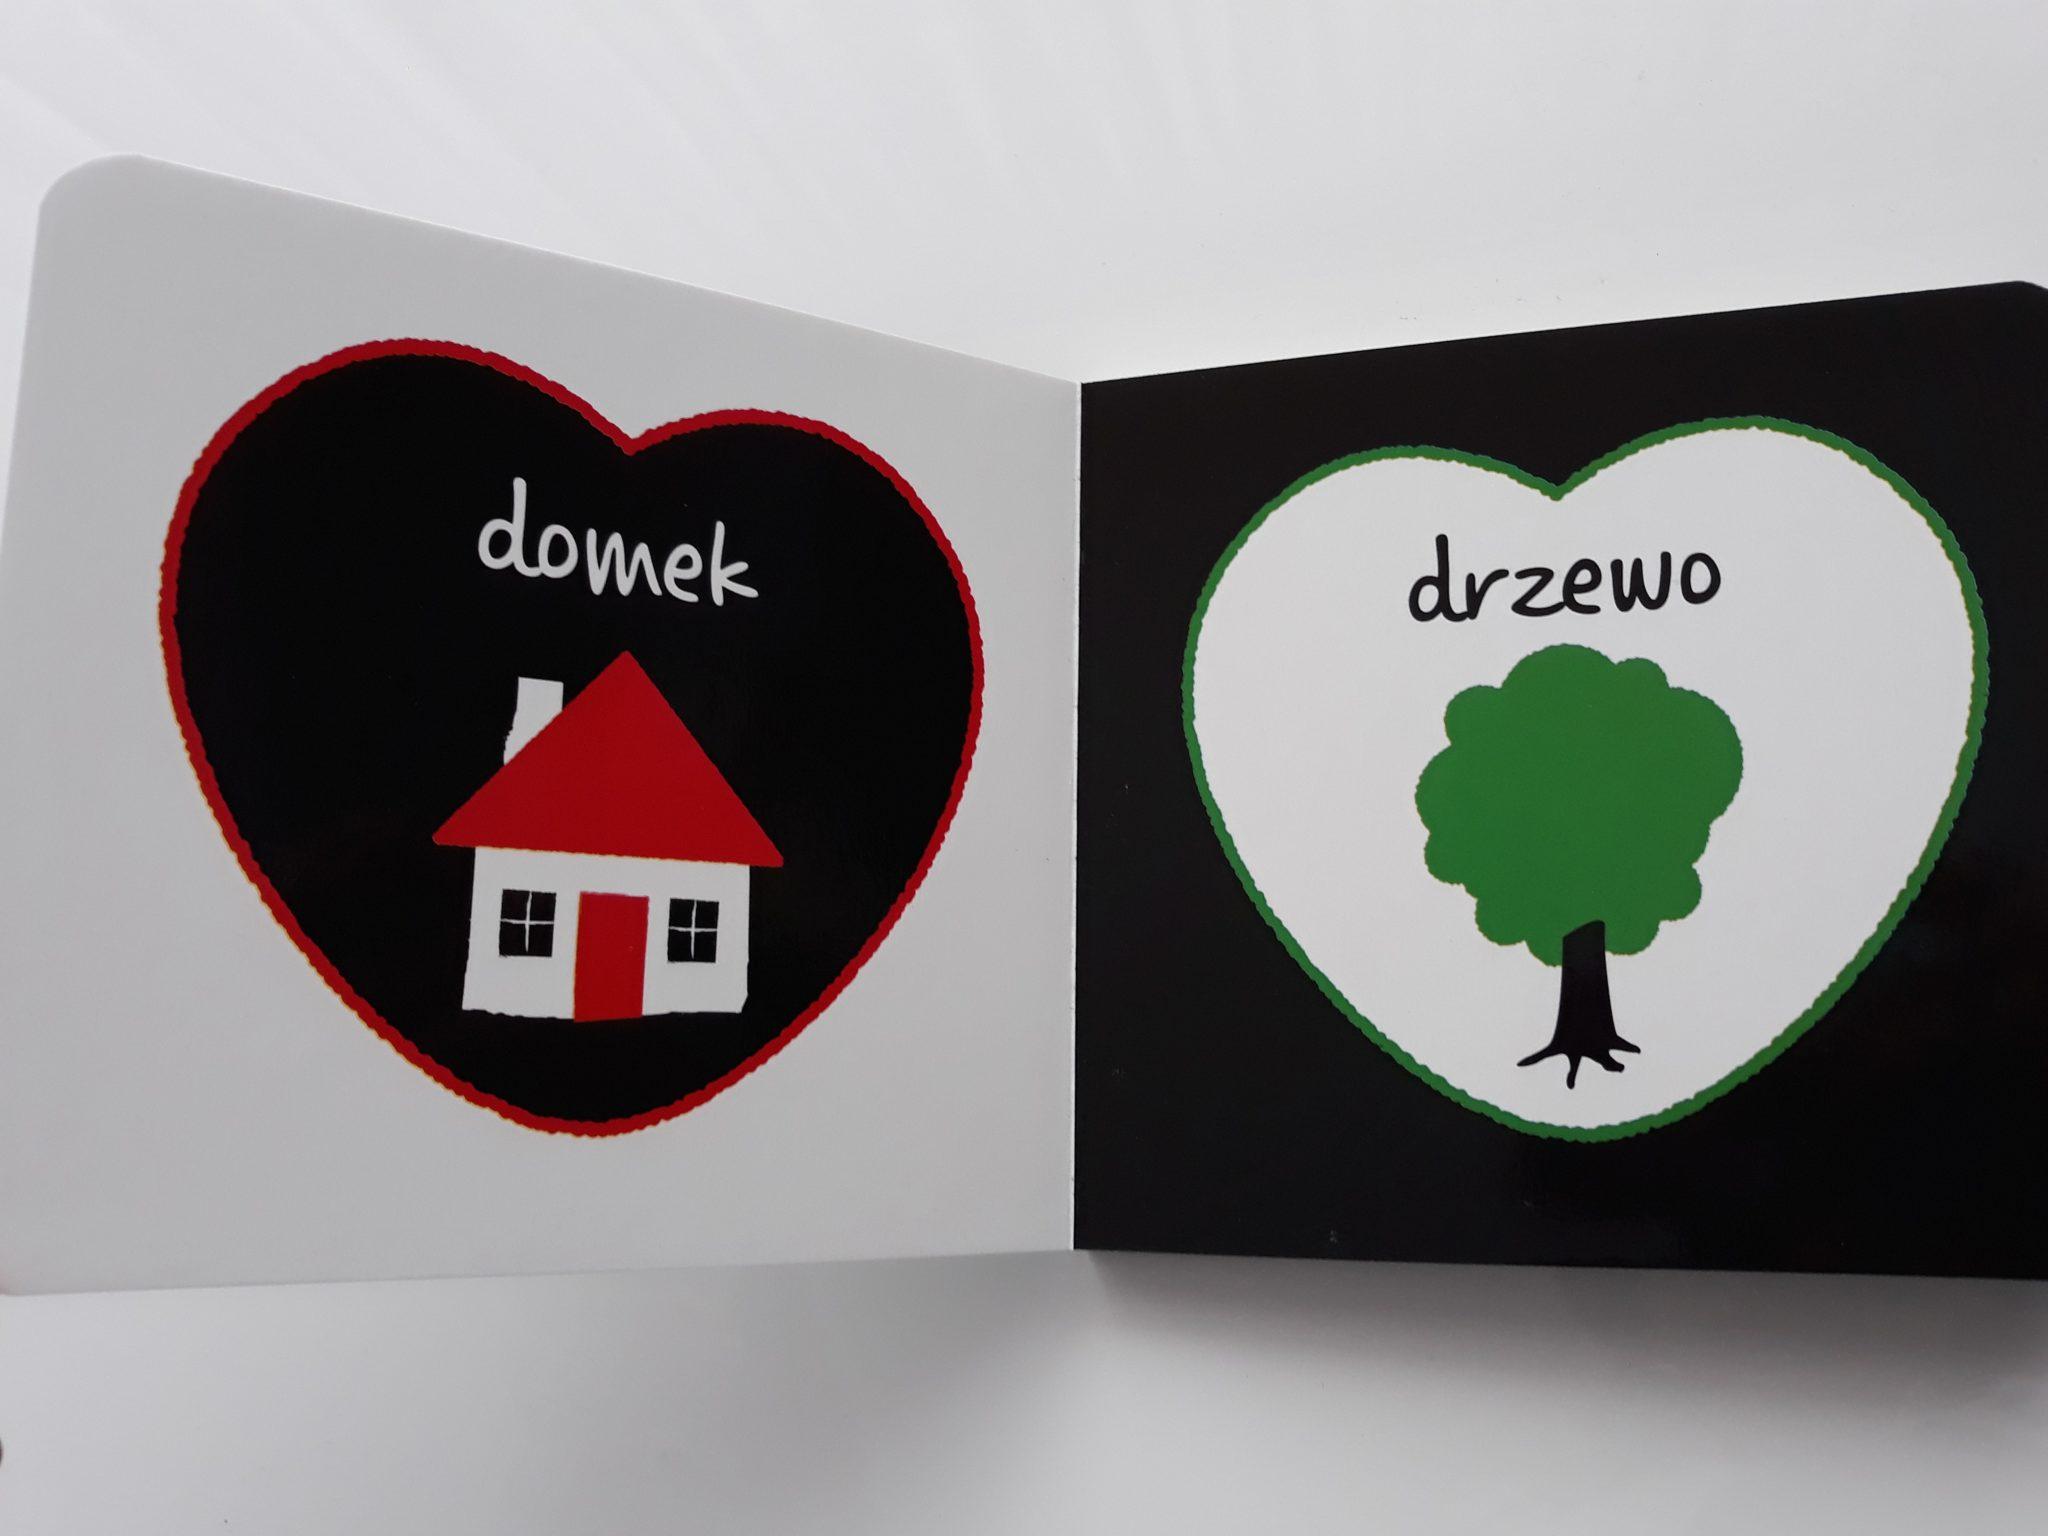 Książki dla niemowląt czarno-białe pokazujące świat otaczający maluszka (domek, drzewo, auto).